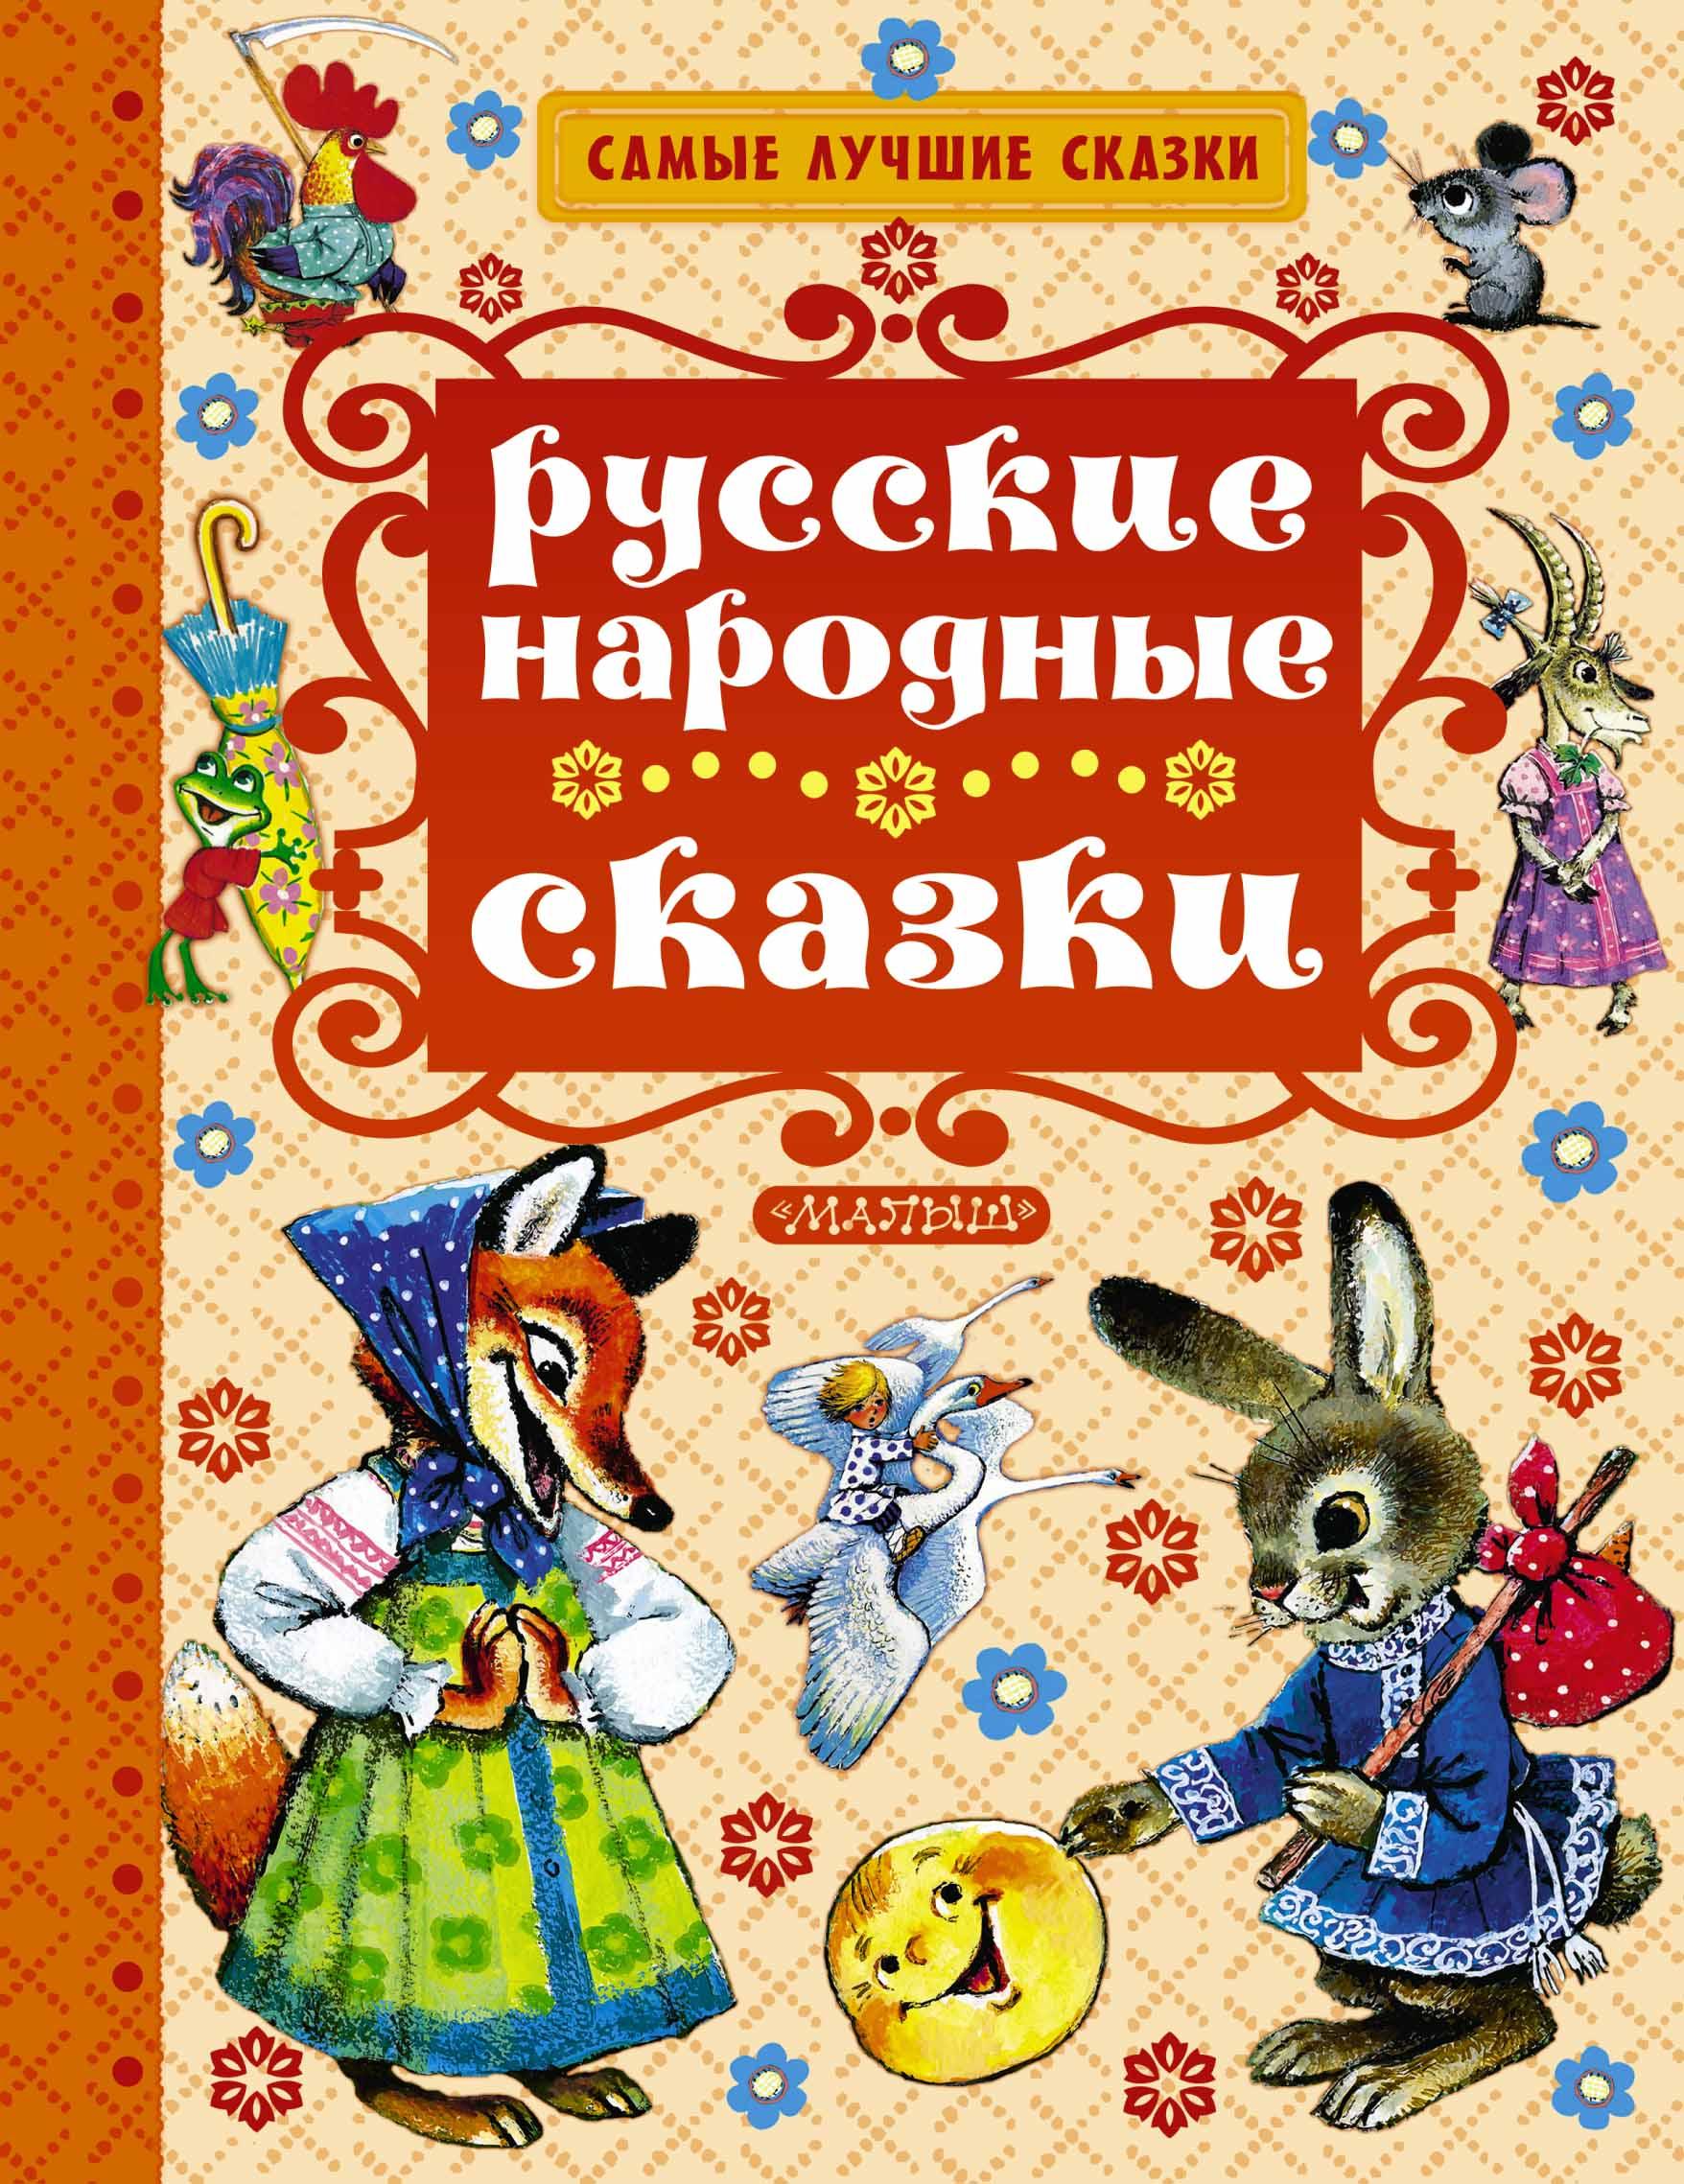 . Русские народные сказки теплый пол rnd 30 450 450вт 30м s обогрева м2 2 7 3 8 двух жильный rexant